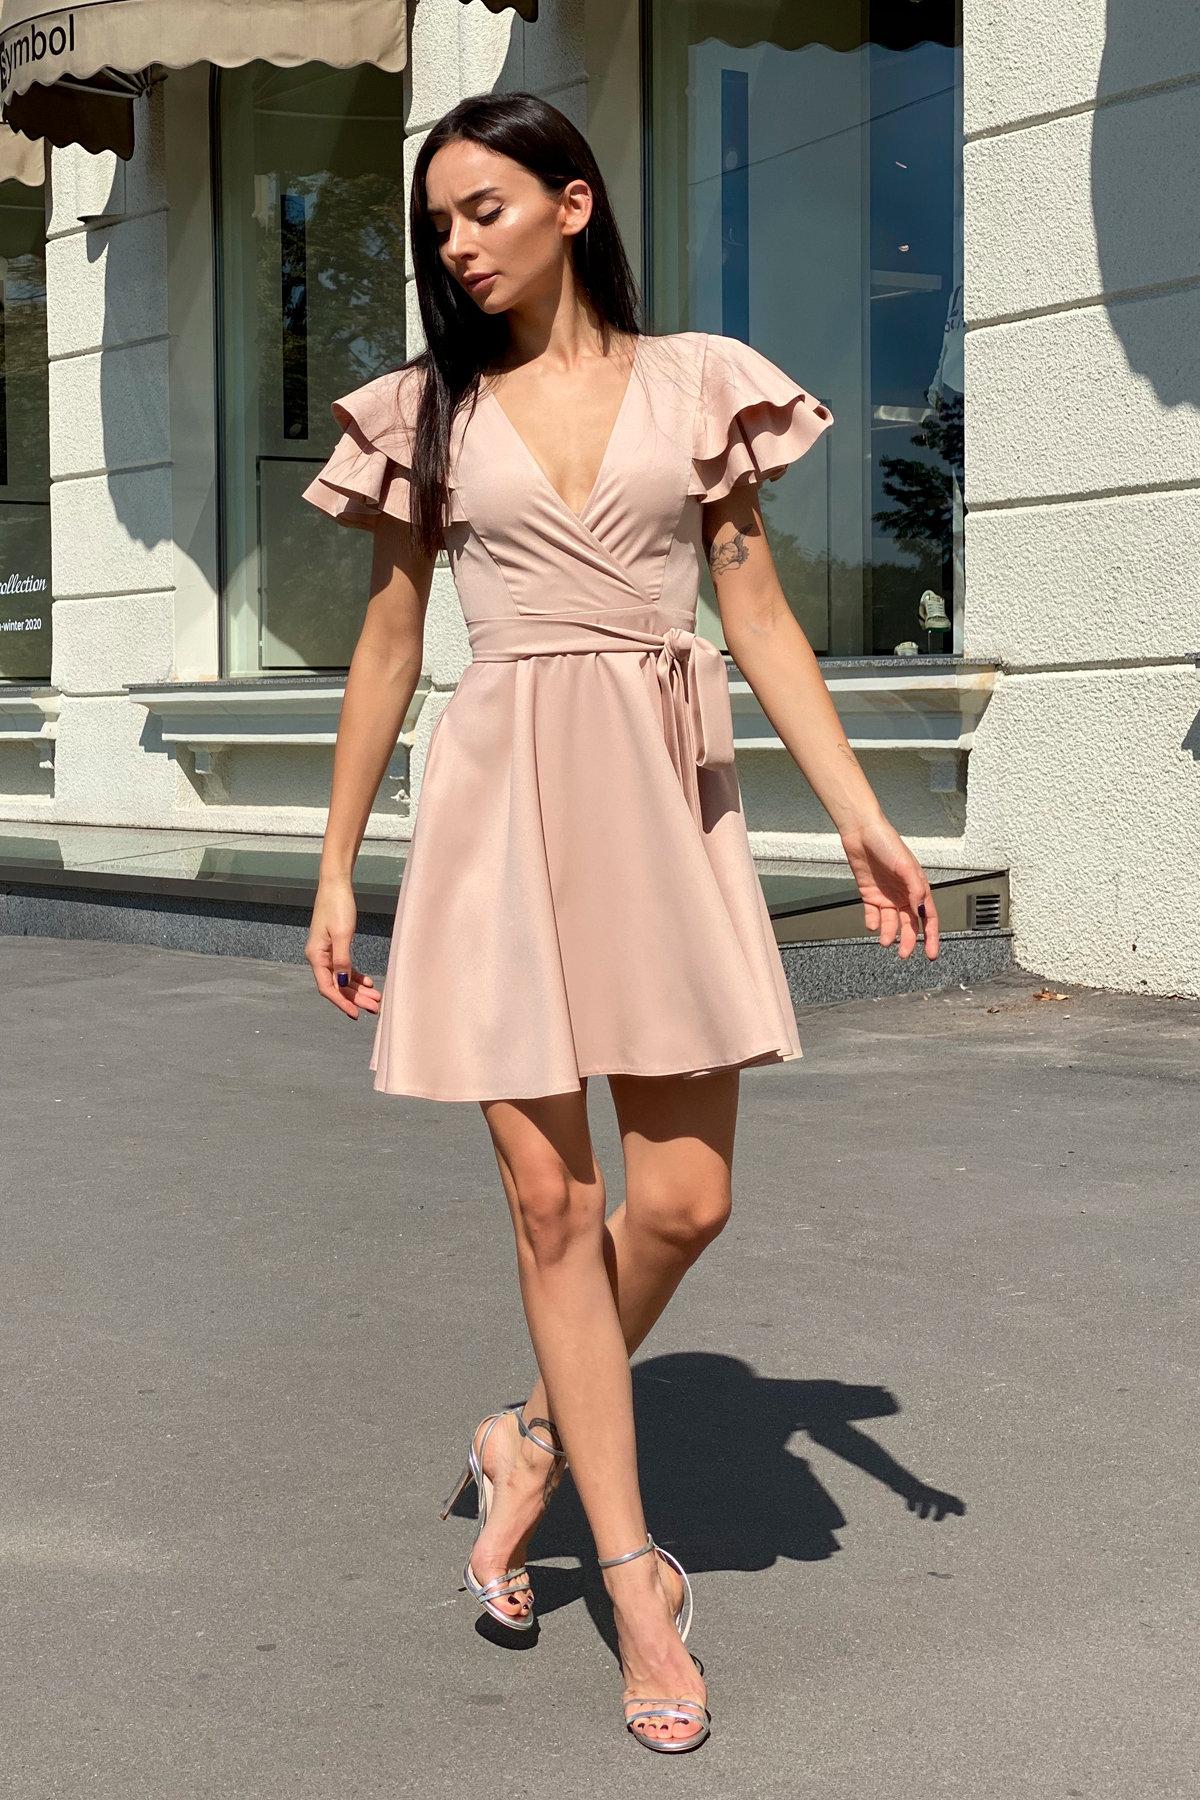 Платье Милея 9649 АРТ. 45969 Цвет: Бежевый - фото 7, интернет магазин tm-modus.ru